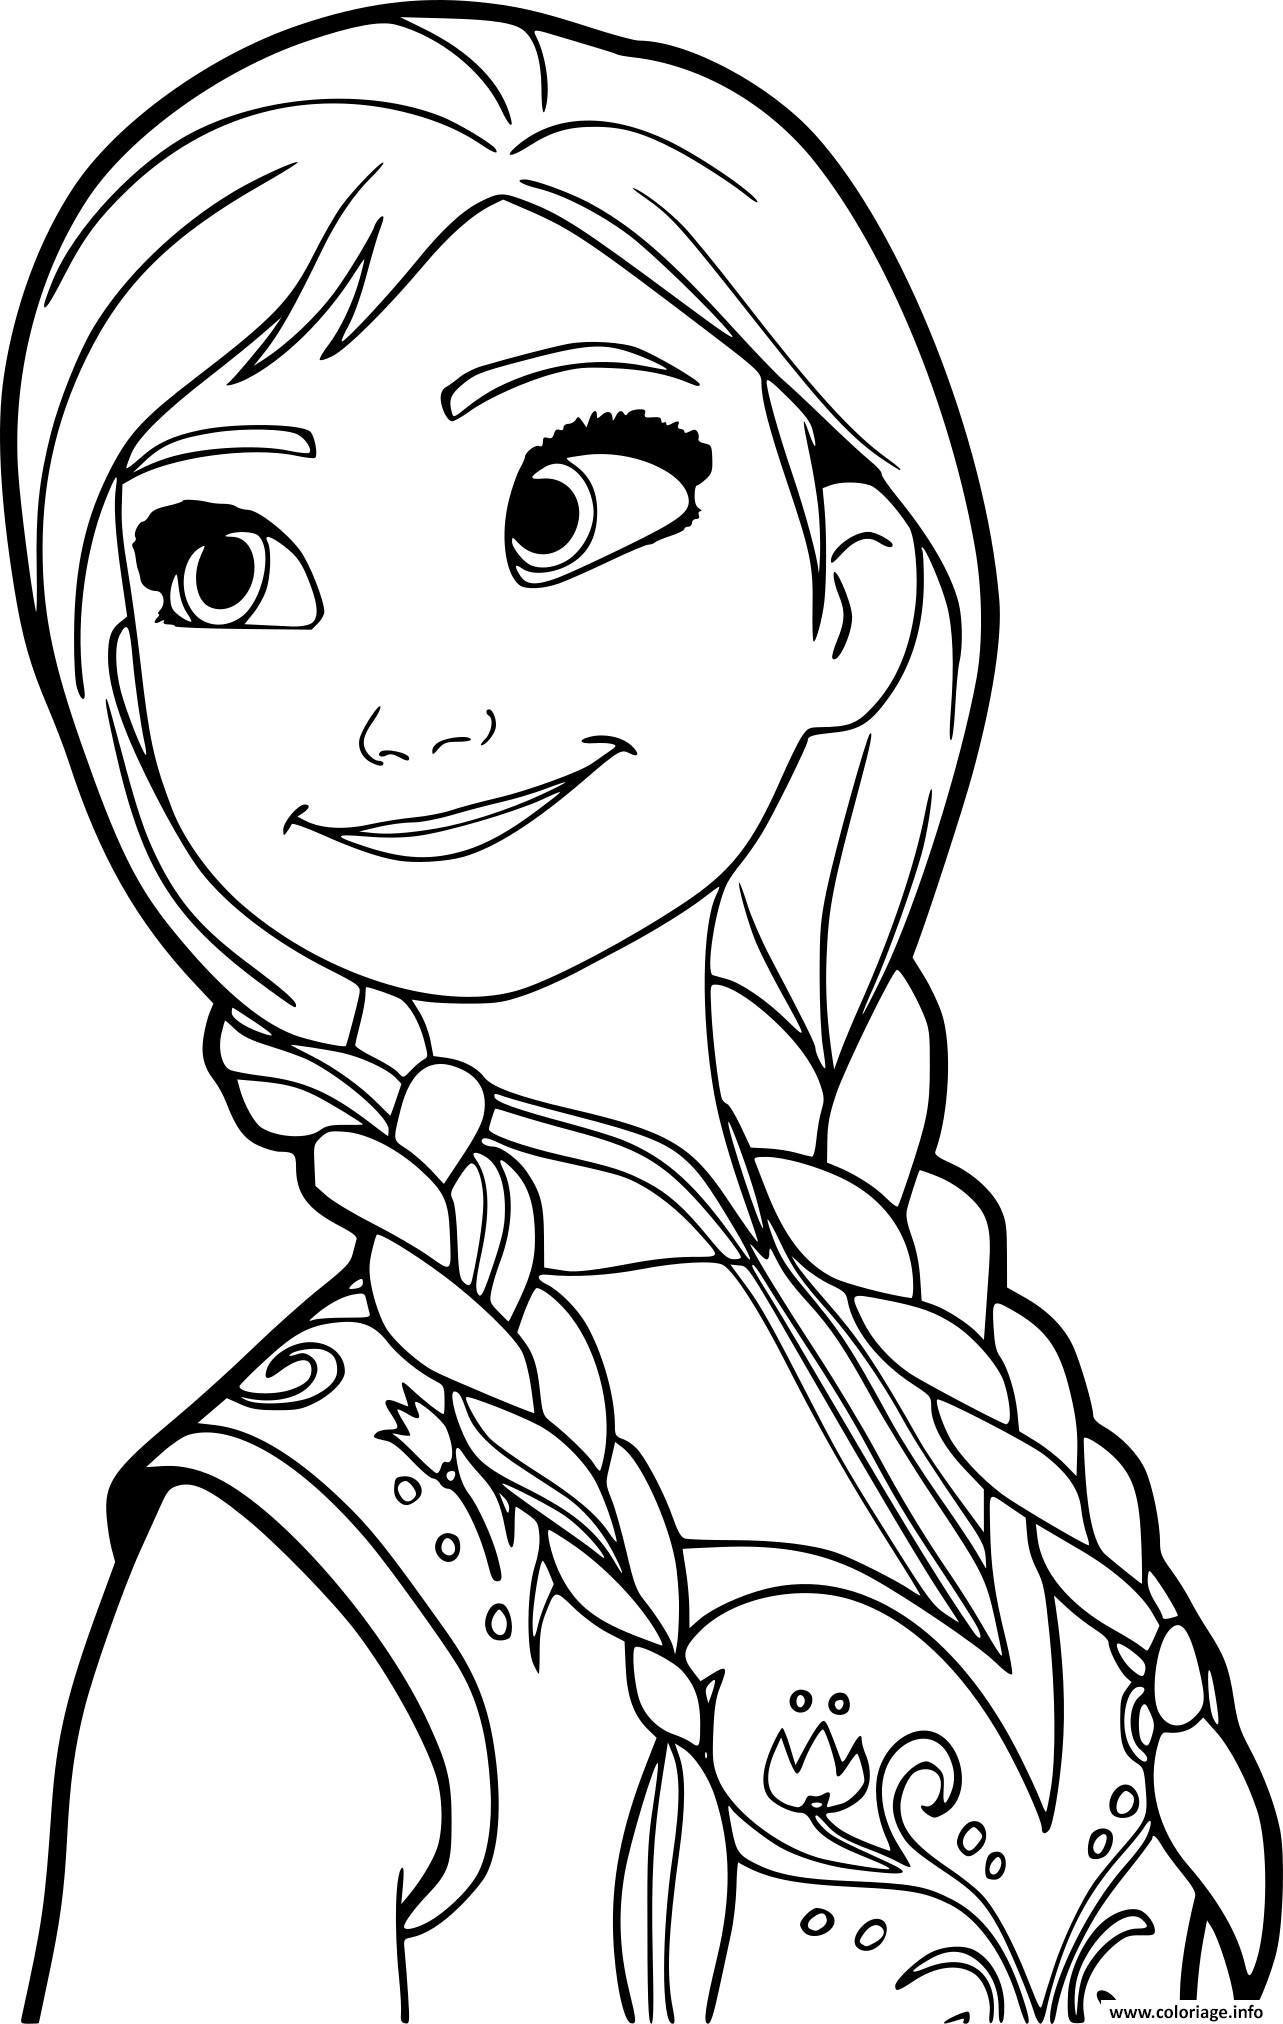 Coloriage Princesse Anna De La Reine Des Neiges 2 Dessin A